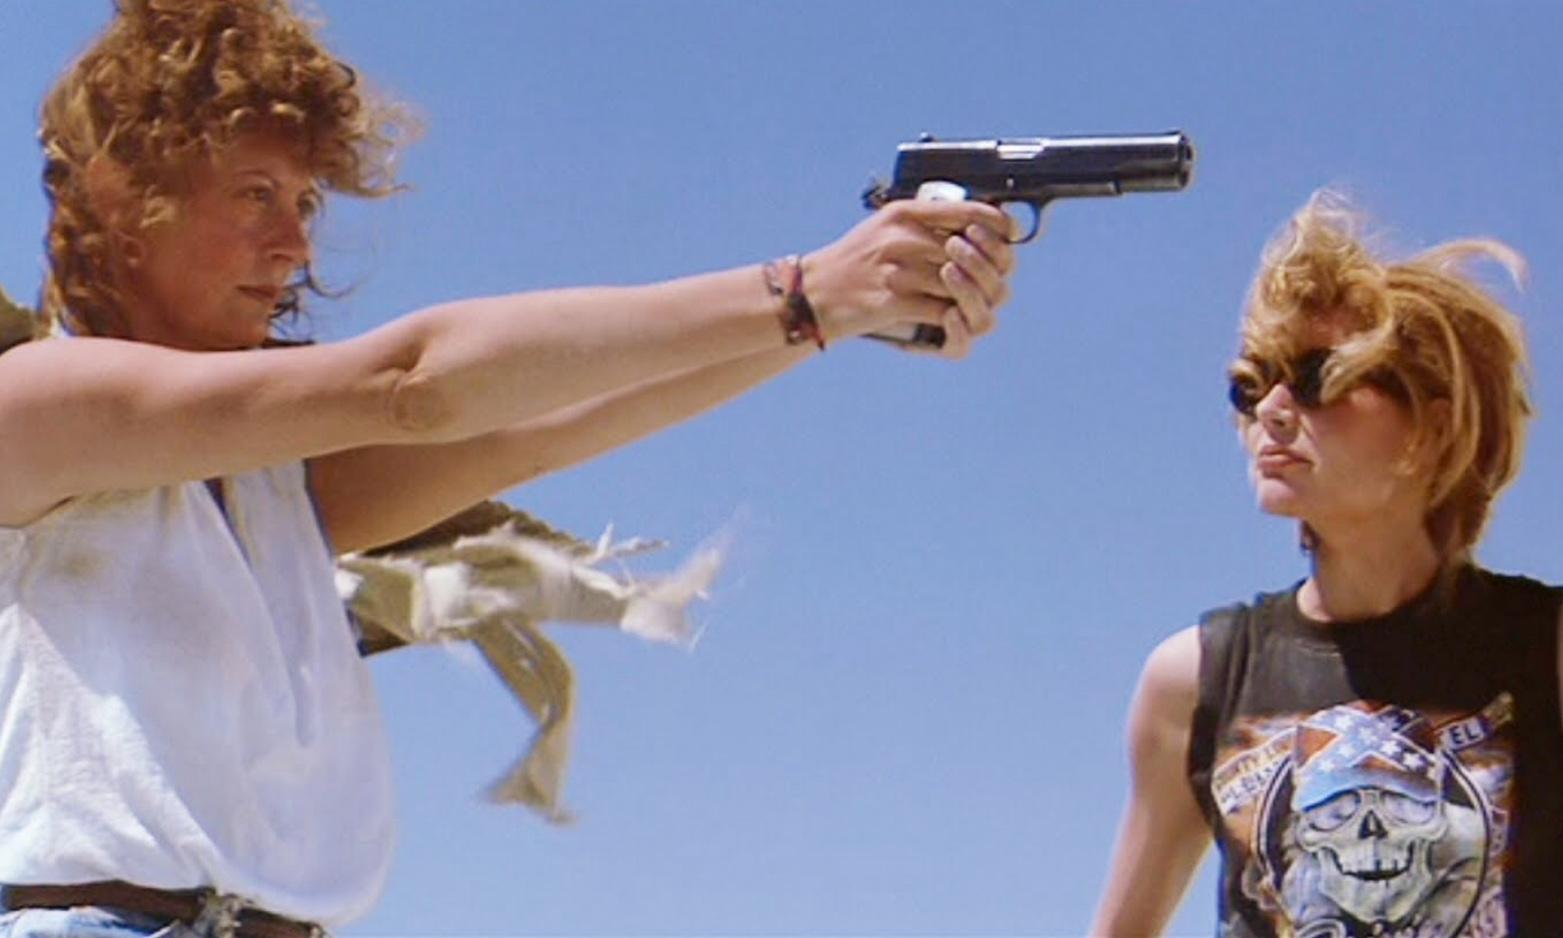 Cena do filme em que Susan Sarandon, a esquerda, aparece usando uma camiseta branca e apontando uma arma. A direita está Geena Davis, que usa uma camiseta preta com o desenho de uma caveira e óculos de sol. O fundo é o céu azul.